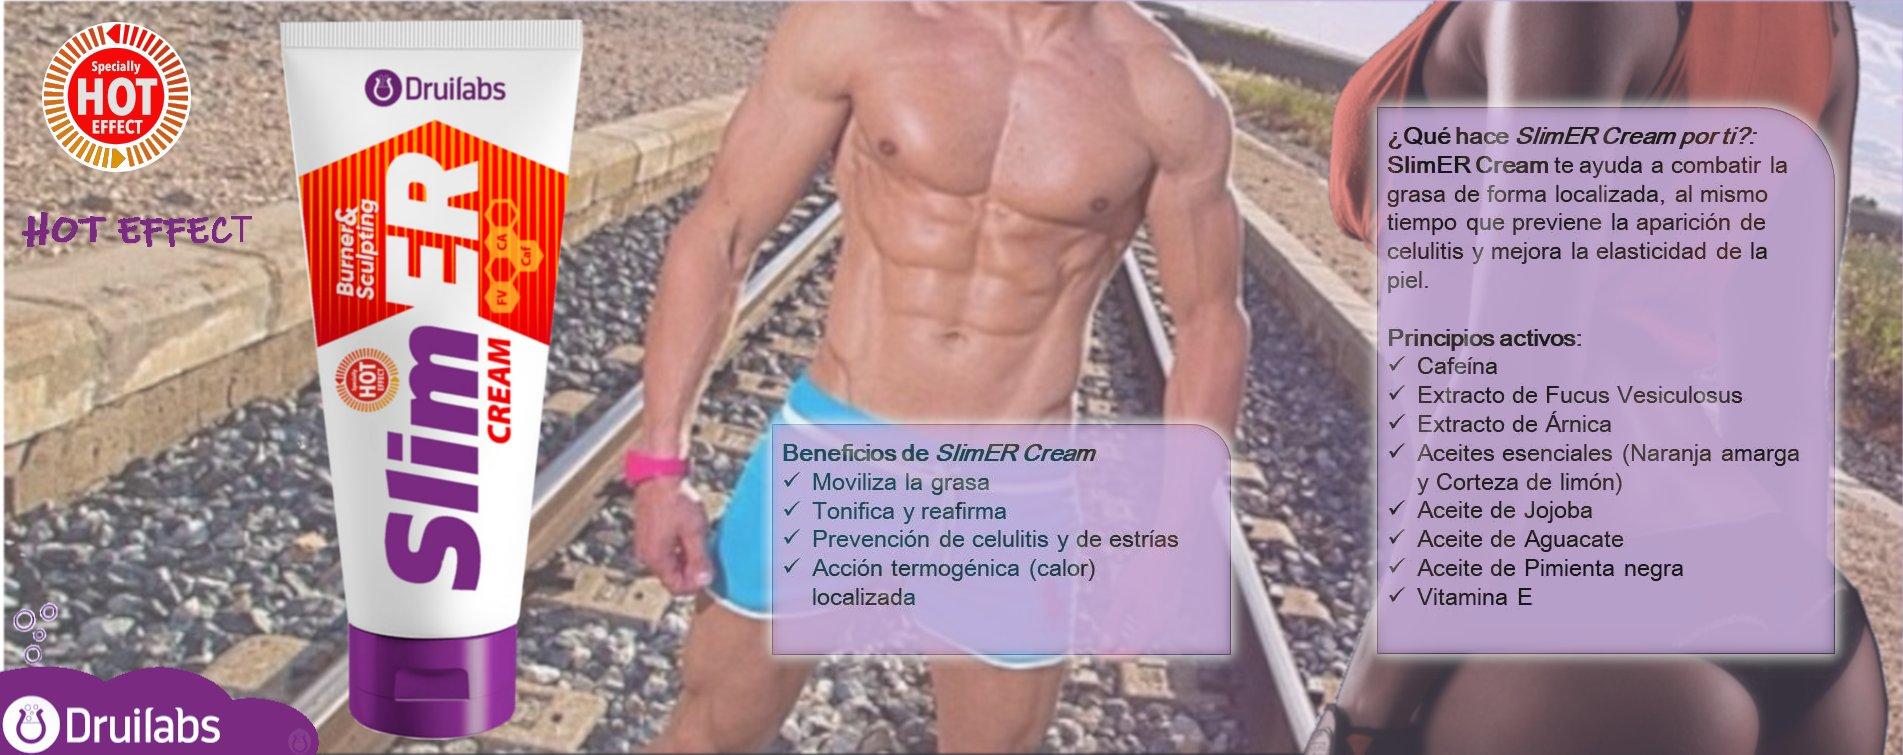 SlimER Cream